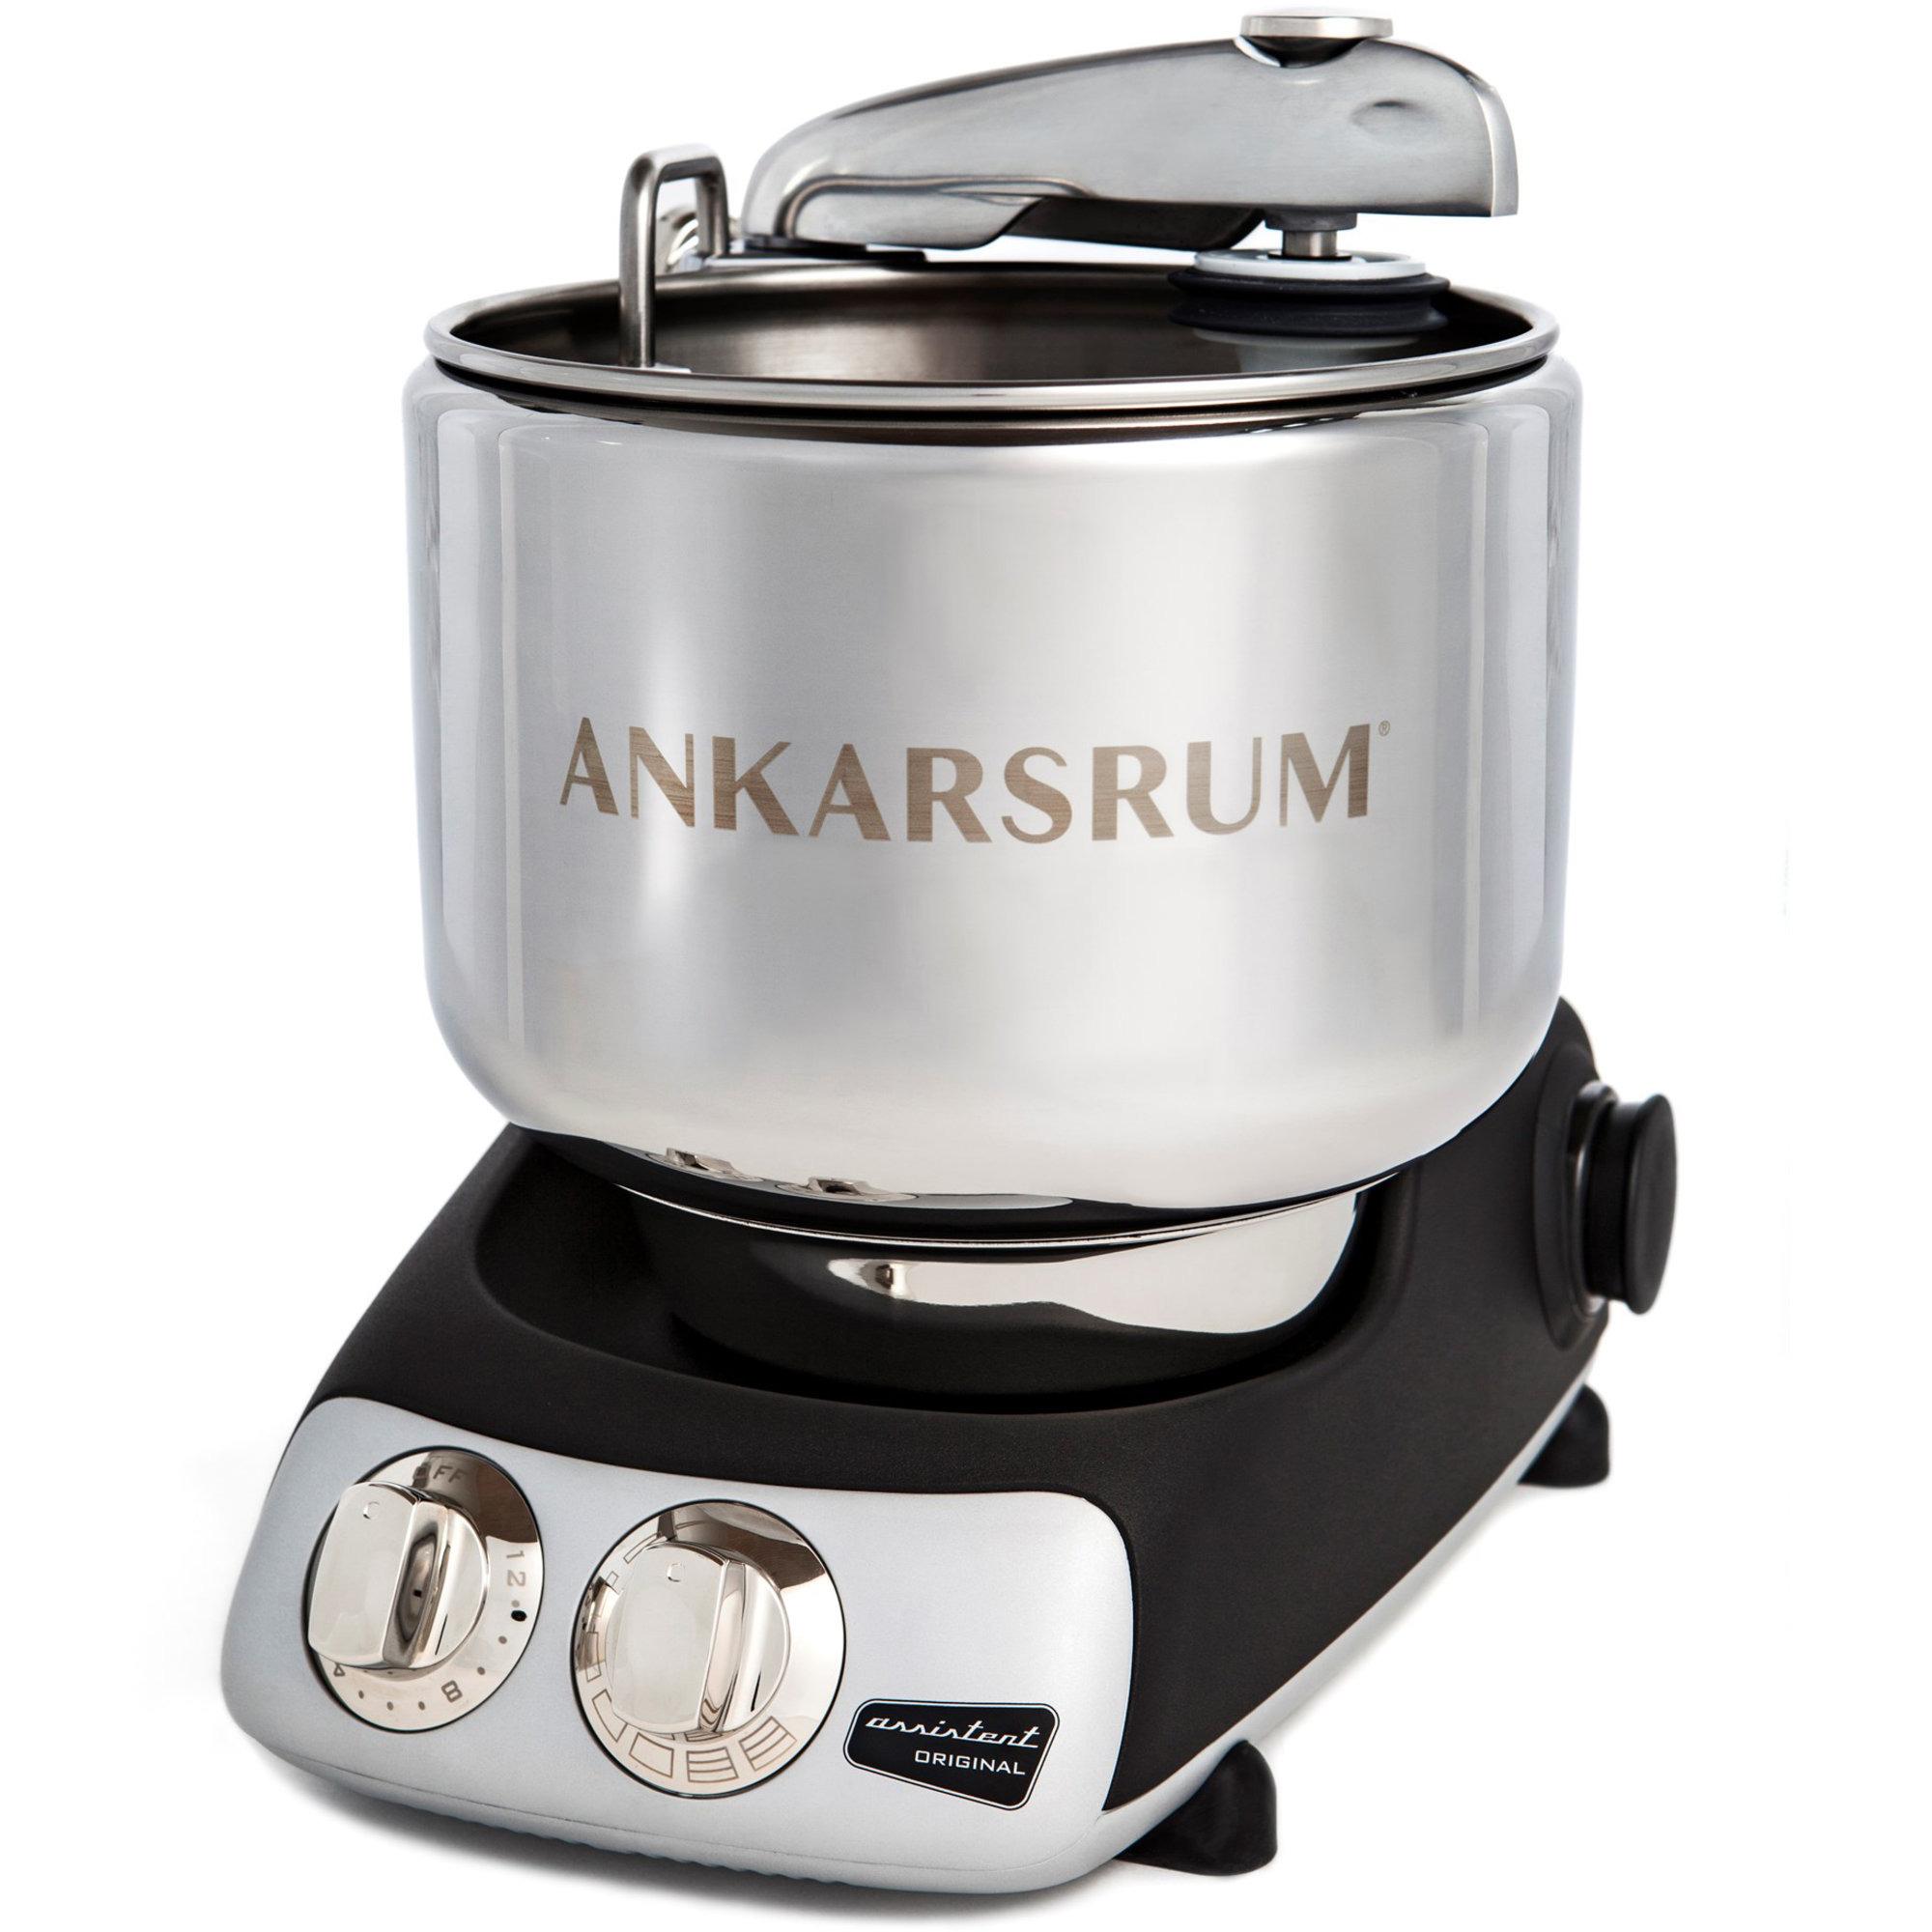 AKM 6220 køkkenmaskine matsort fra Ankarsrum » Gratis Levering